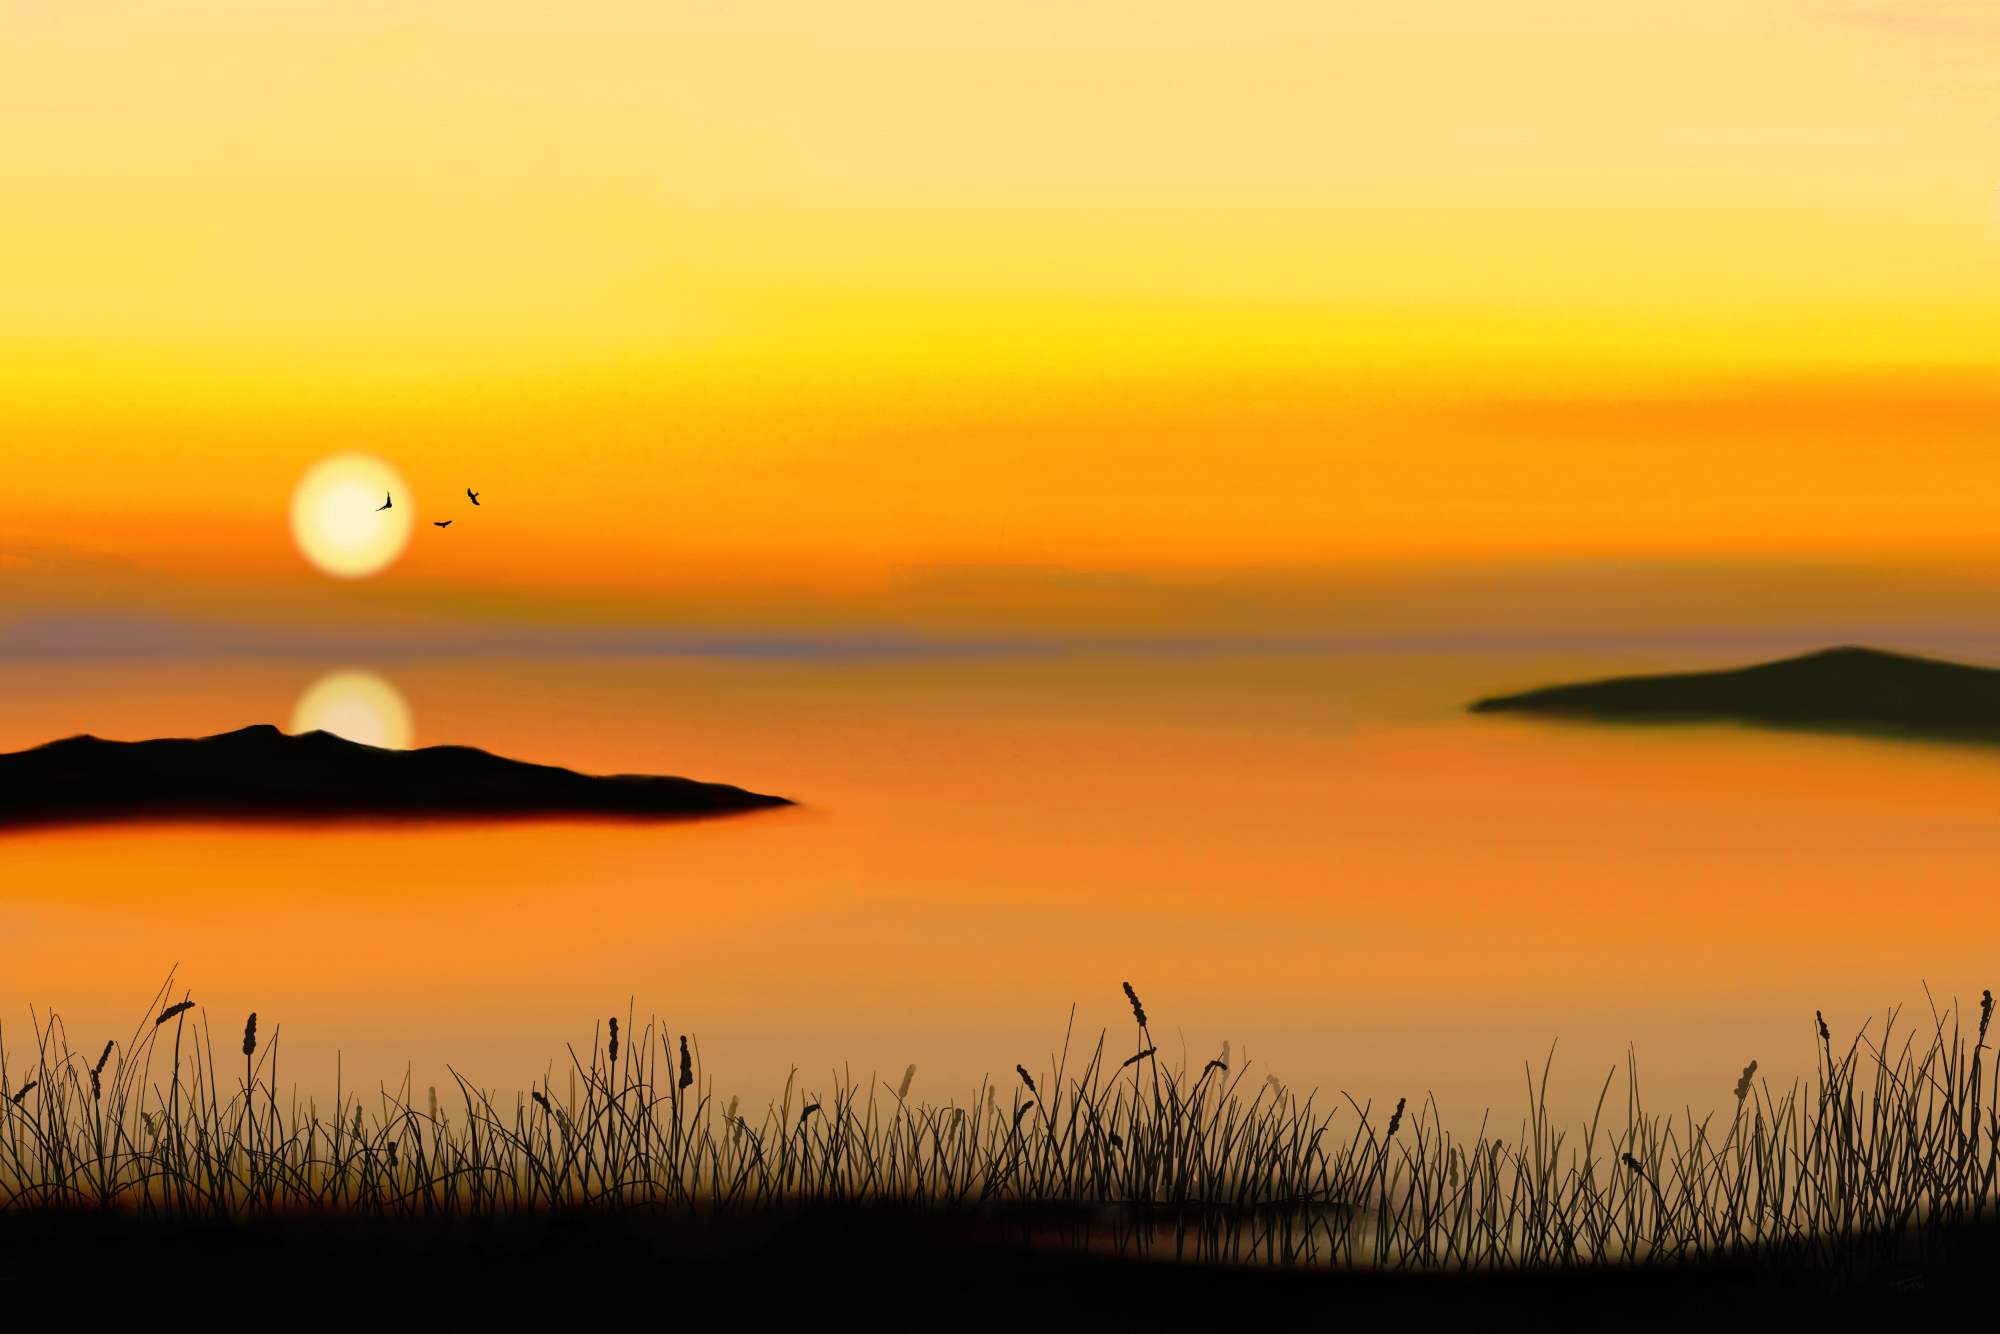 Digital acrylic painting sunset above a calm ocean